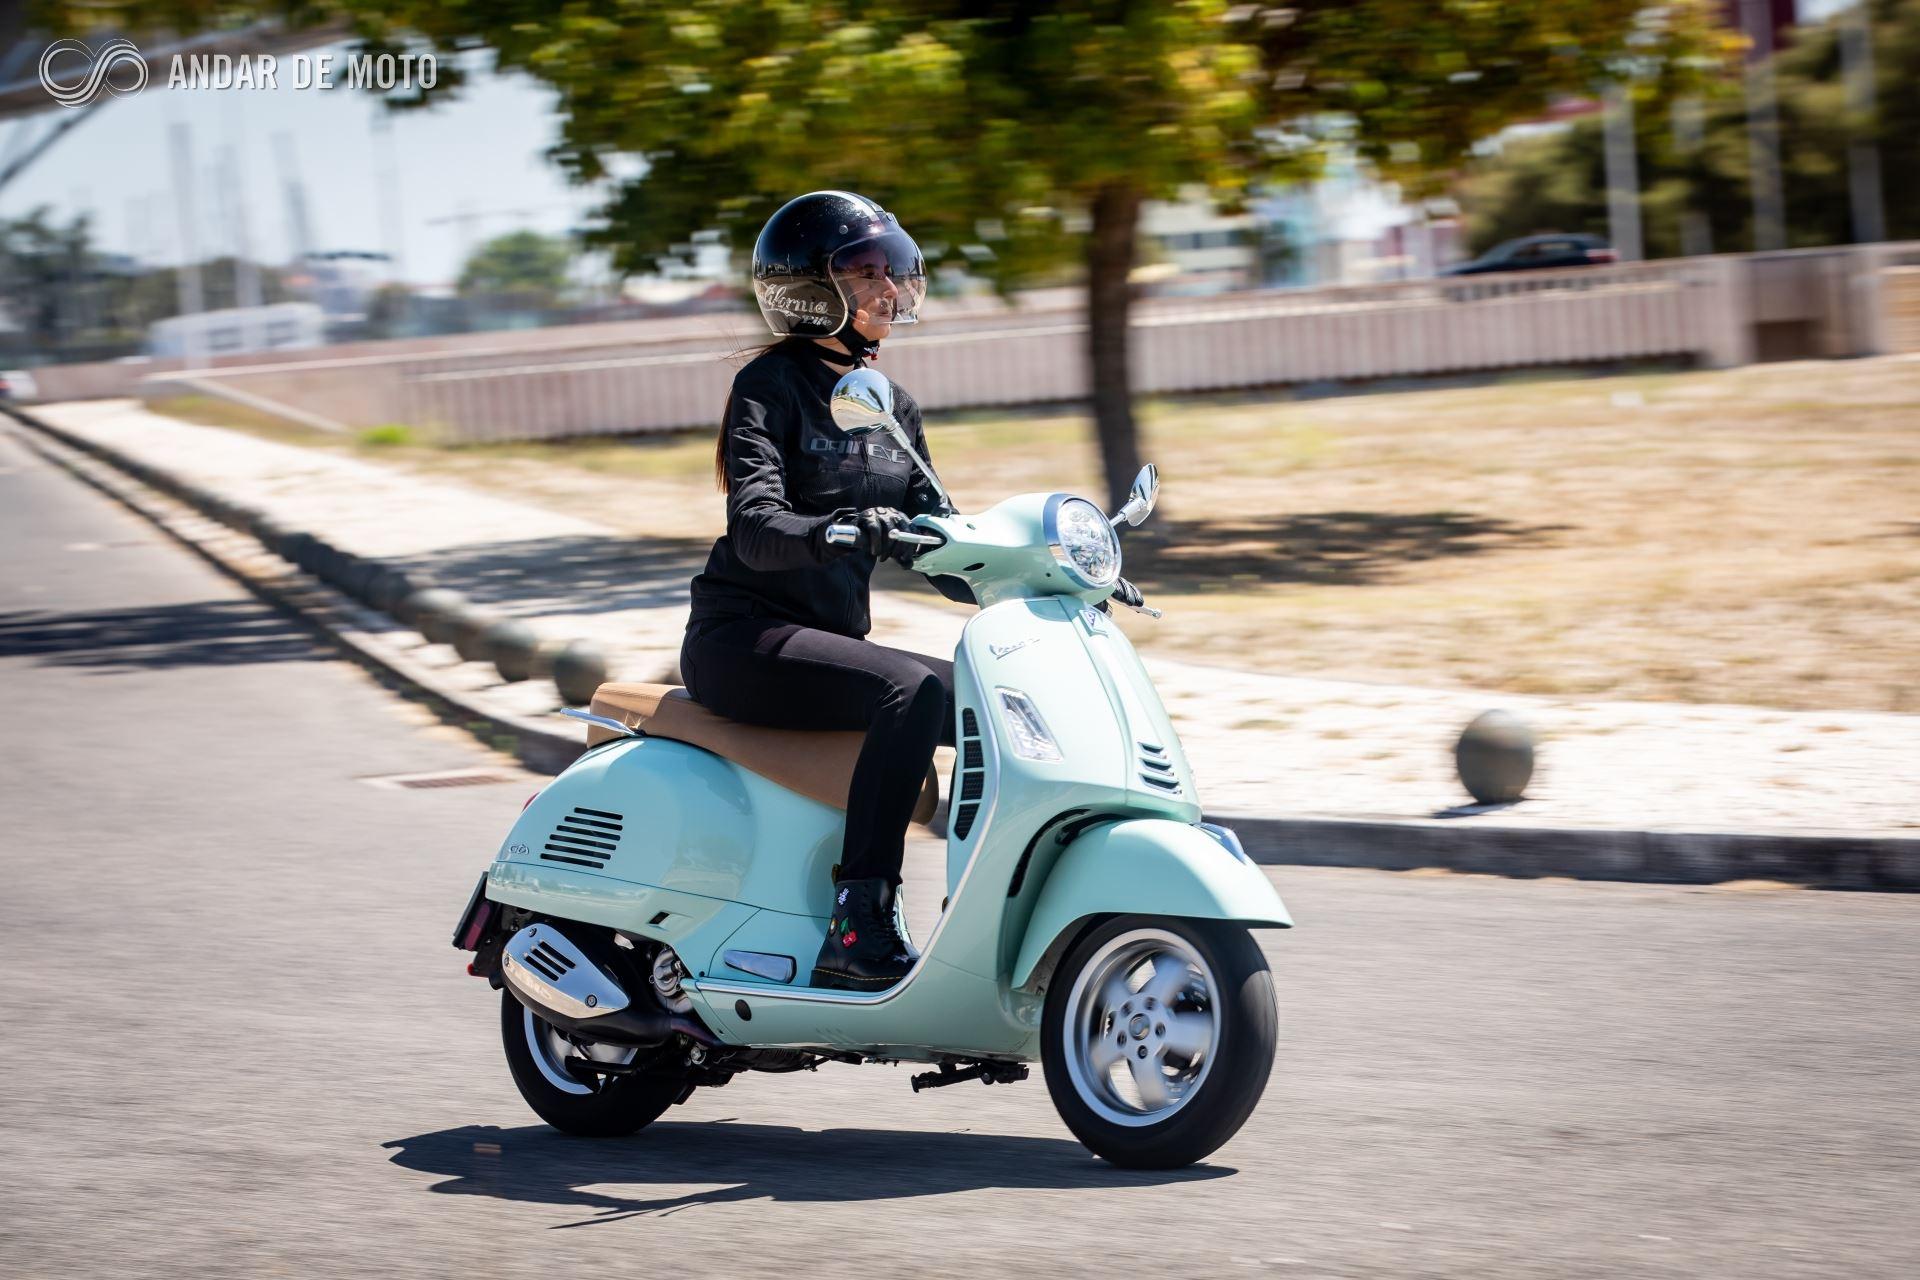 Teste Vespa Gts 300 Hpe Desfrutar A Cidade Test Drives Andar De Moto Brasil